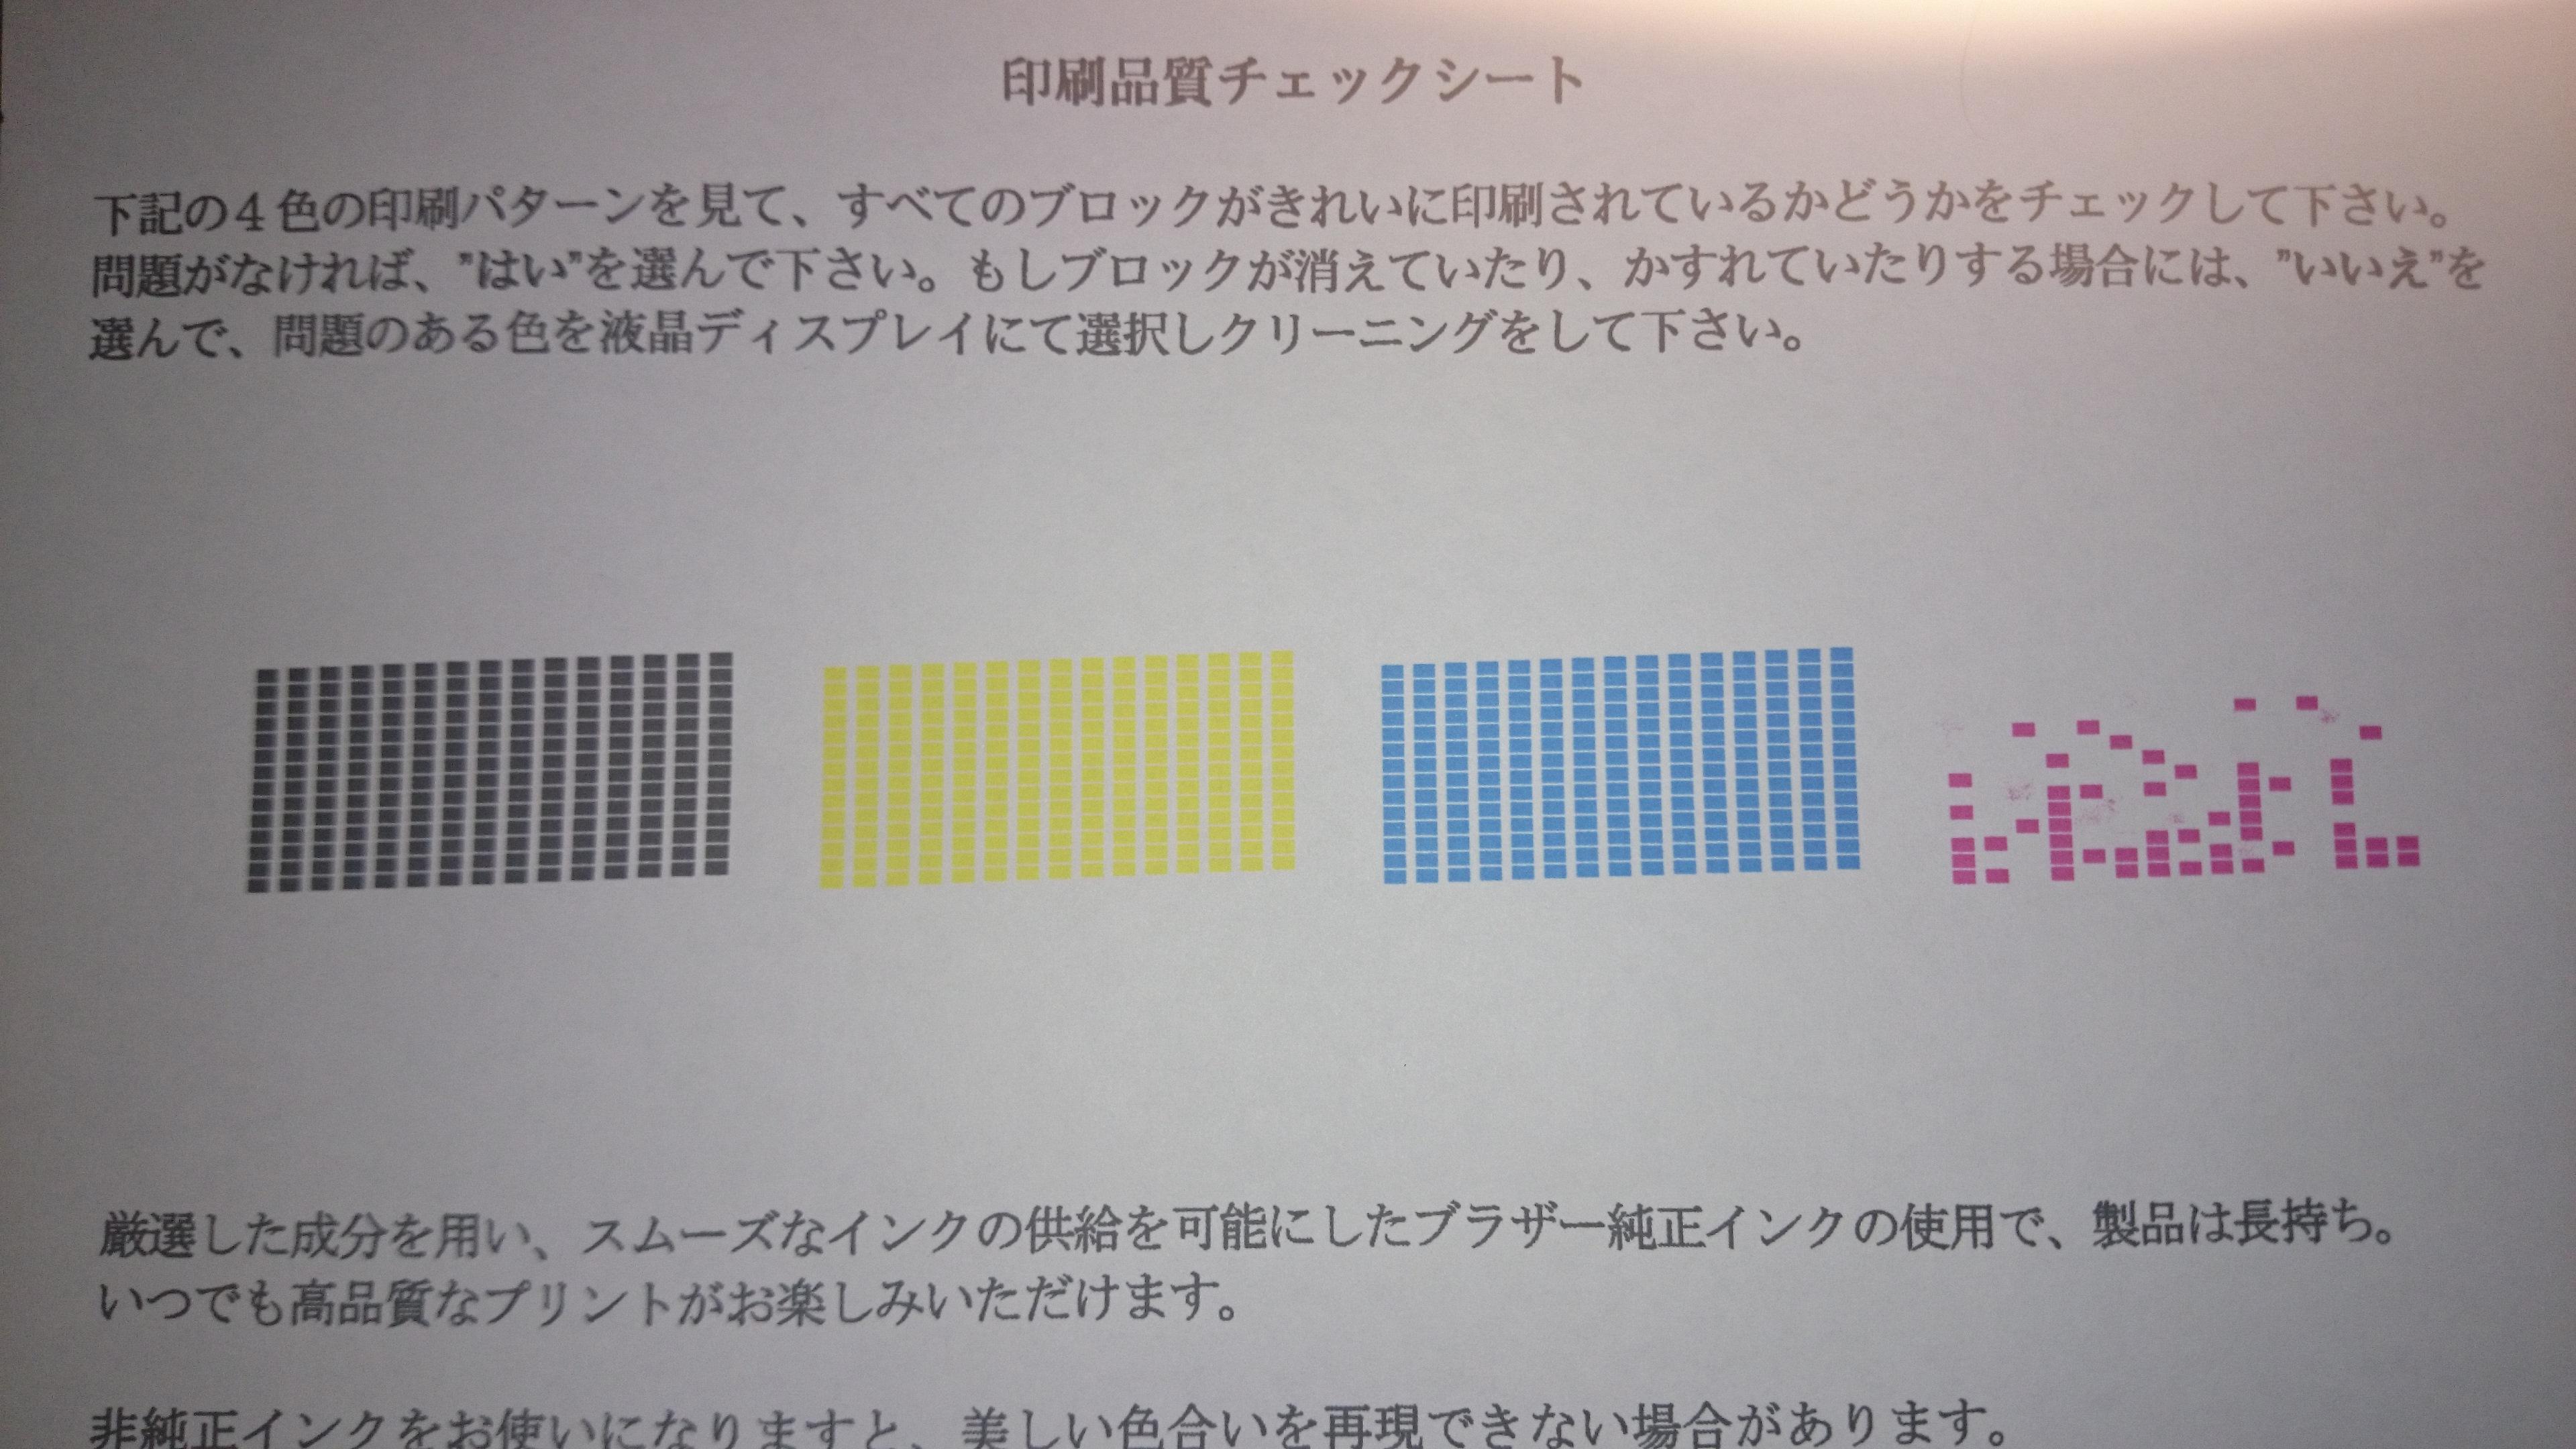 テストし印刷品質をチェックプリントするもドット抜けの状況